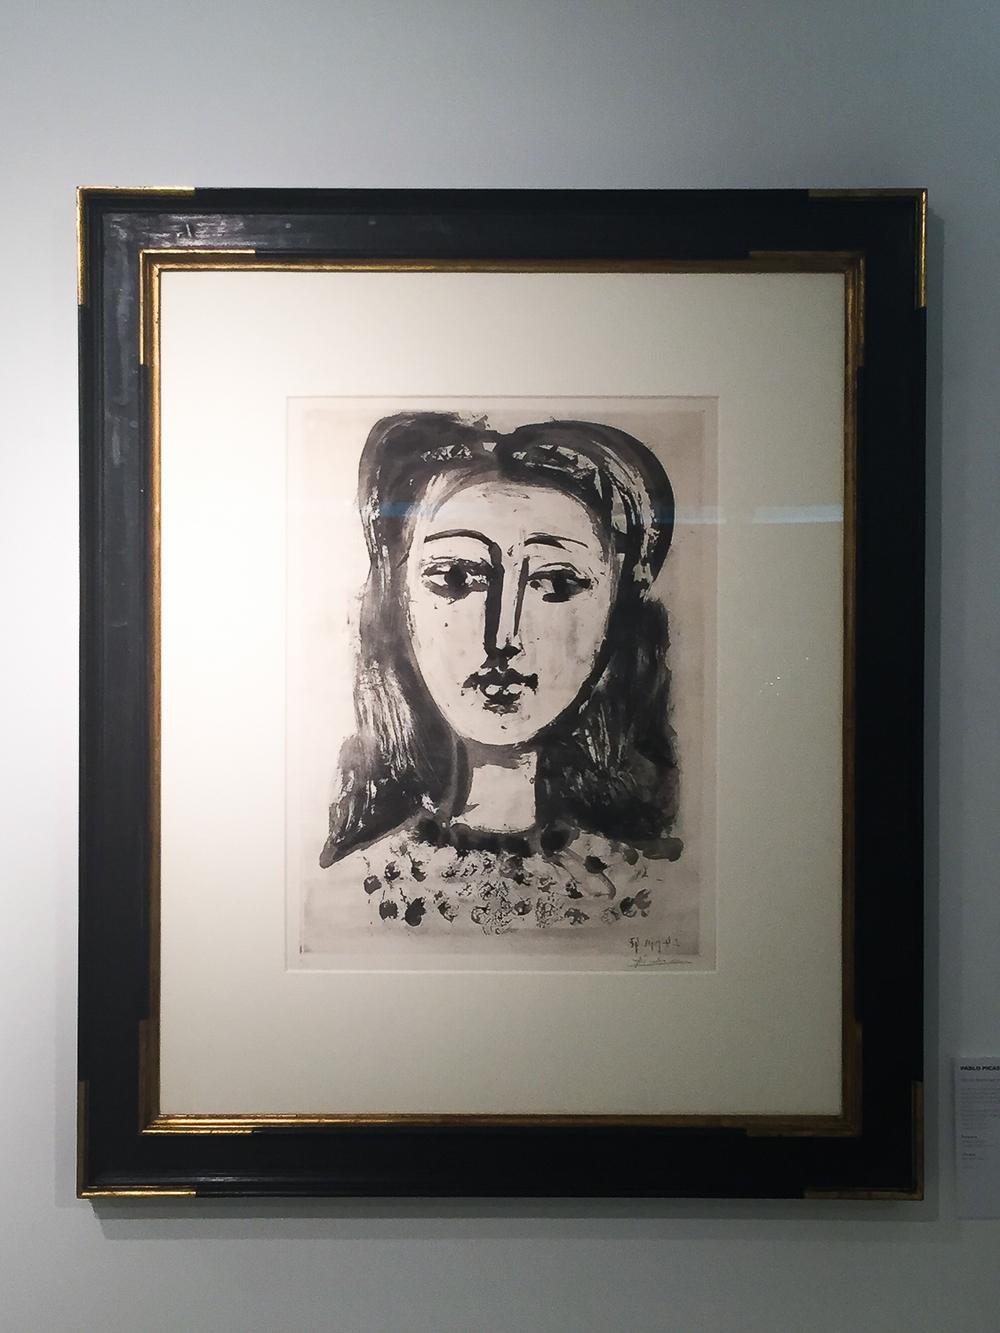 Pablo Picasso, Tête de femme aux cheveux flous,  24 June 1947, Aquatint on Arches wove paper